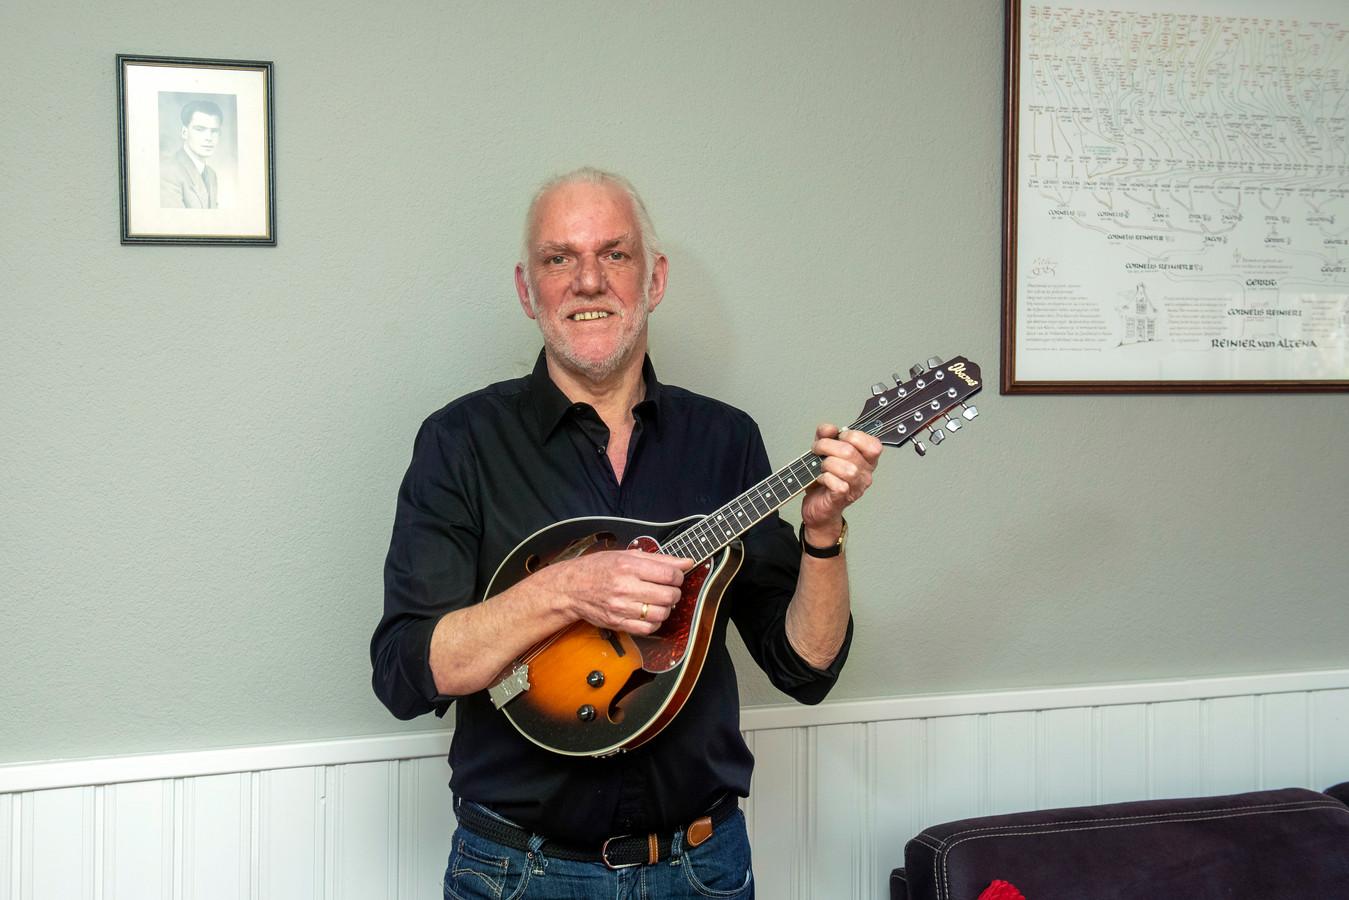 """,,Dat kan ik ook!, ging door me heen toen ik een tijdje geleden iemand zag tokkelen op een mandoline. Ik besloot er een te kopen. Deze mandoline is pas nieuw."""""""